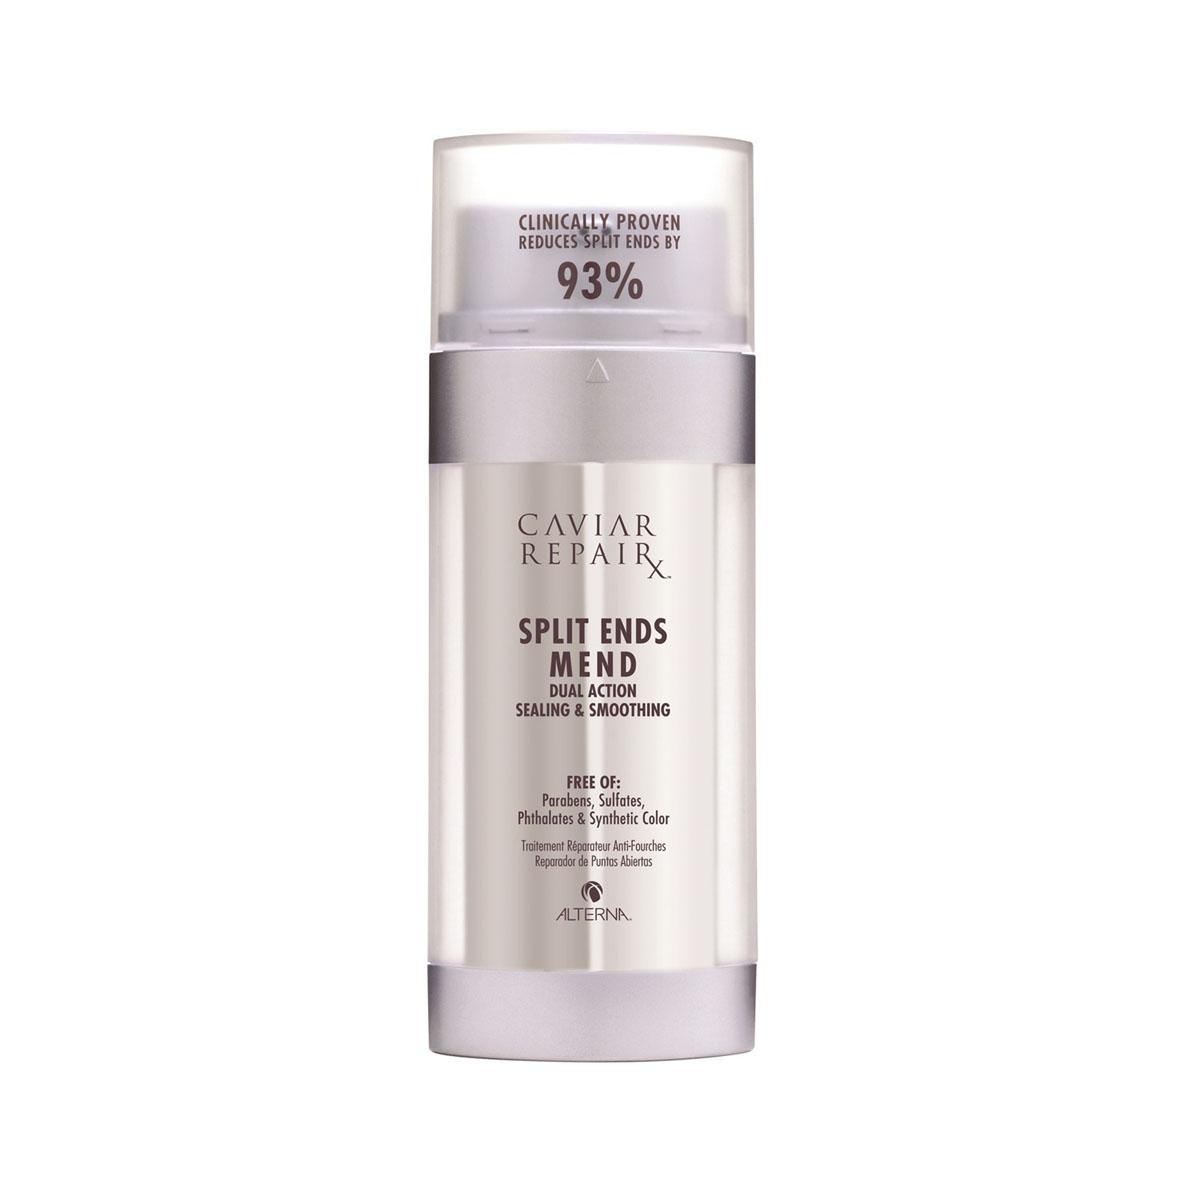 Alterna Двухфазная сыворотка - восстановление секущихся кончиков волос Caviar Repair Rx Split Ends Mend - 30 мл67135Сыворотка восстанавливает и лечит волосы, уменьшает появление первых признаков секущихся кончиков на 93,3% уже после первого применения. Уплотняет и укрепляет пряди, предотвращает ломкость в будущем. Мгновенно впитывается, предотвращает спутывание, а также делает волосы мягкими и шелковистыми. Ее двухфазная формула находится в двух отсеках и смешивается при нанесении, активируясь при этом. Первая формула уплотняет кутикулы, чтобы предотвратить возможные повреждения, а вторая формула разглаживает волосы.